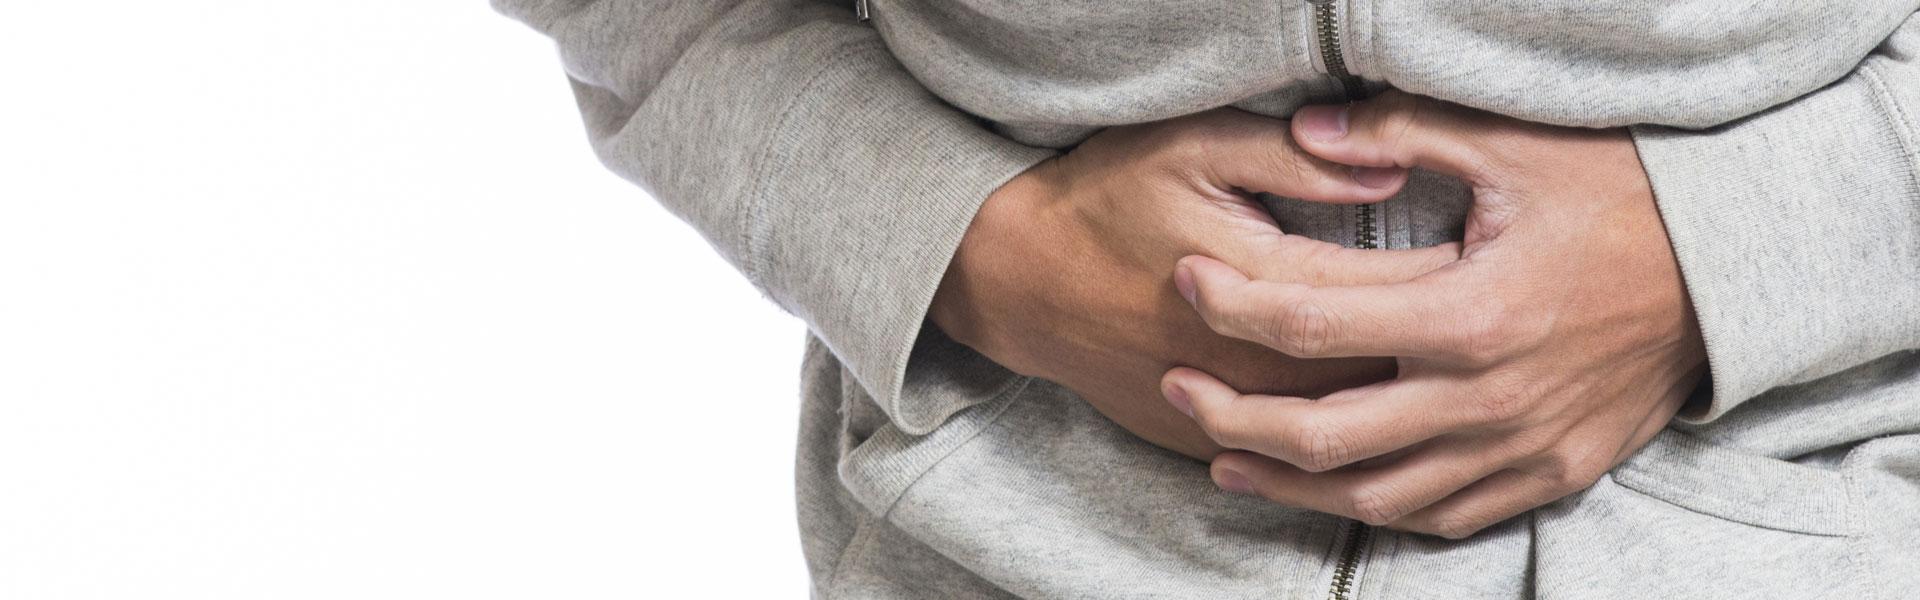 Gallbladder Pain  What Is A Gallbladder Rupture